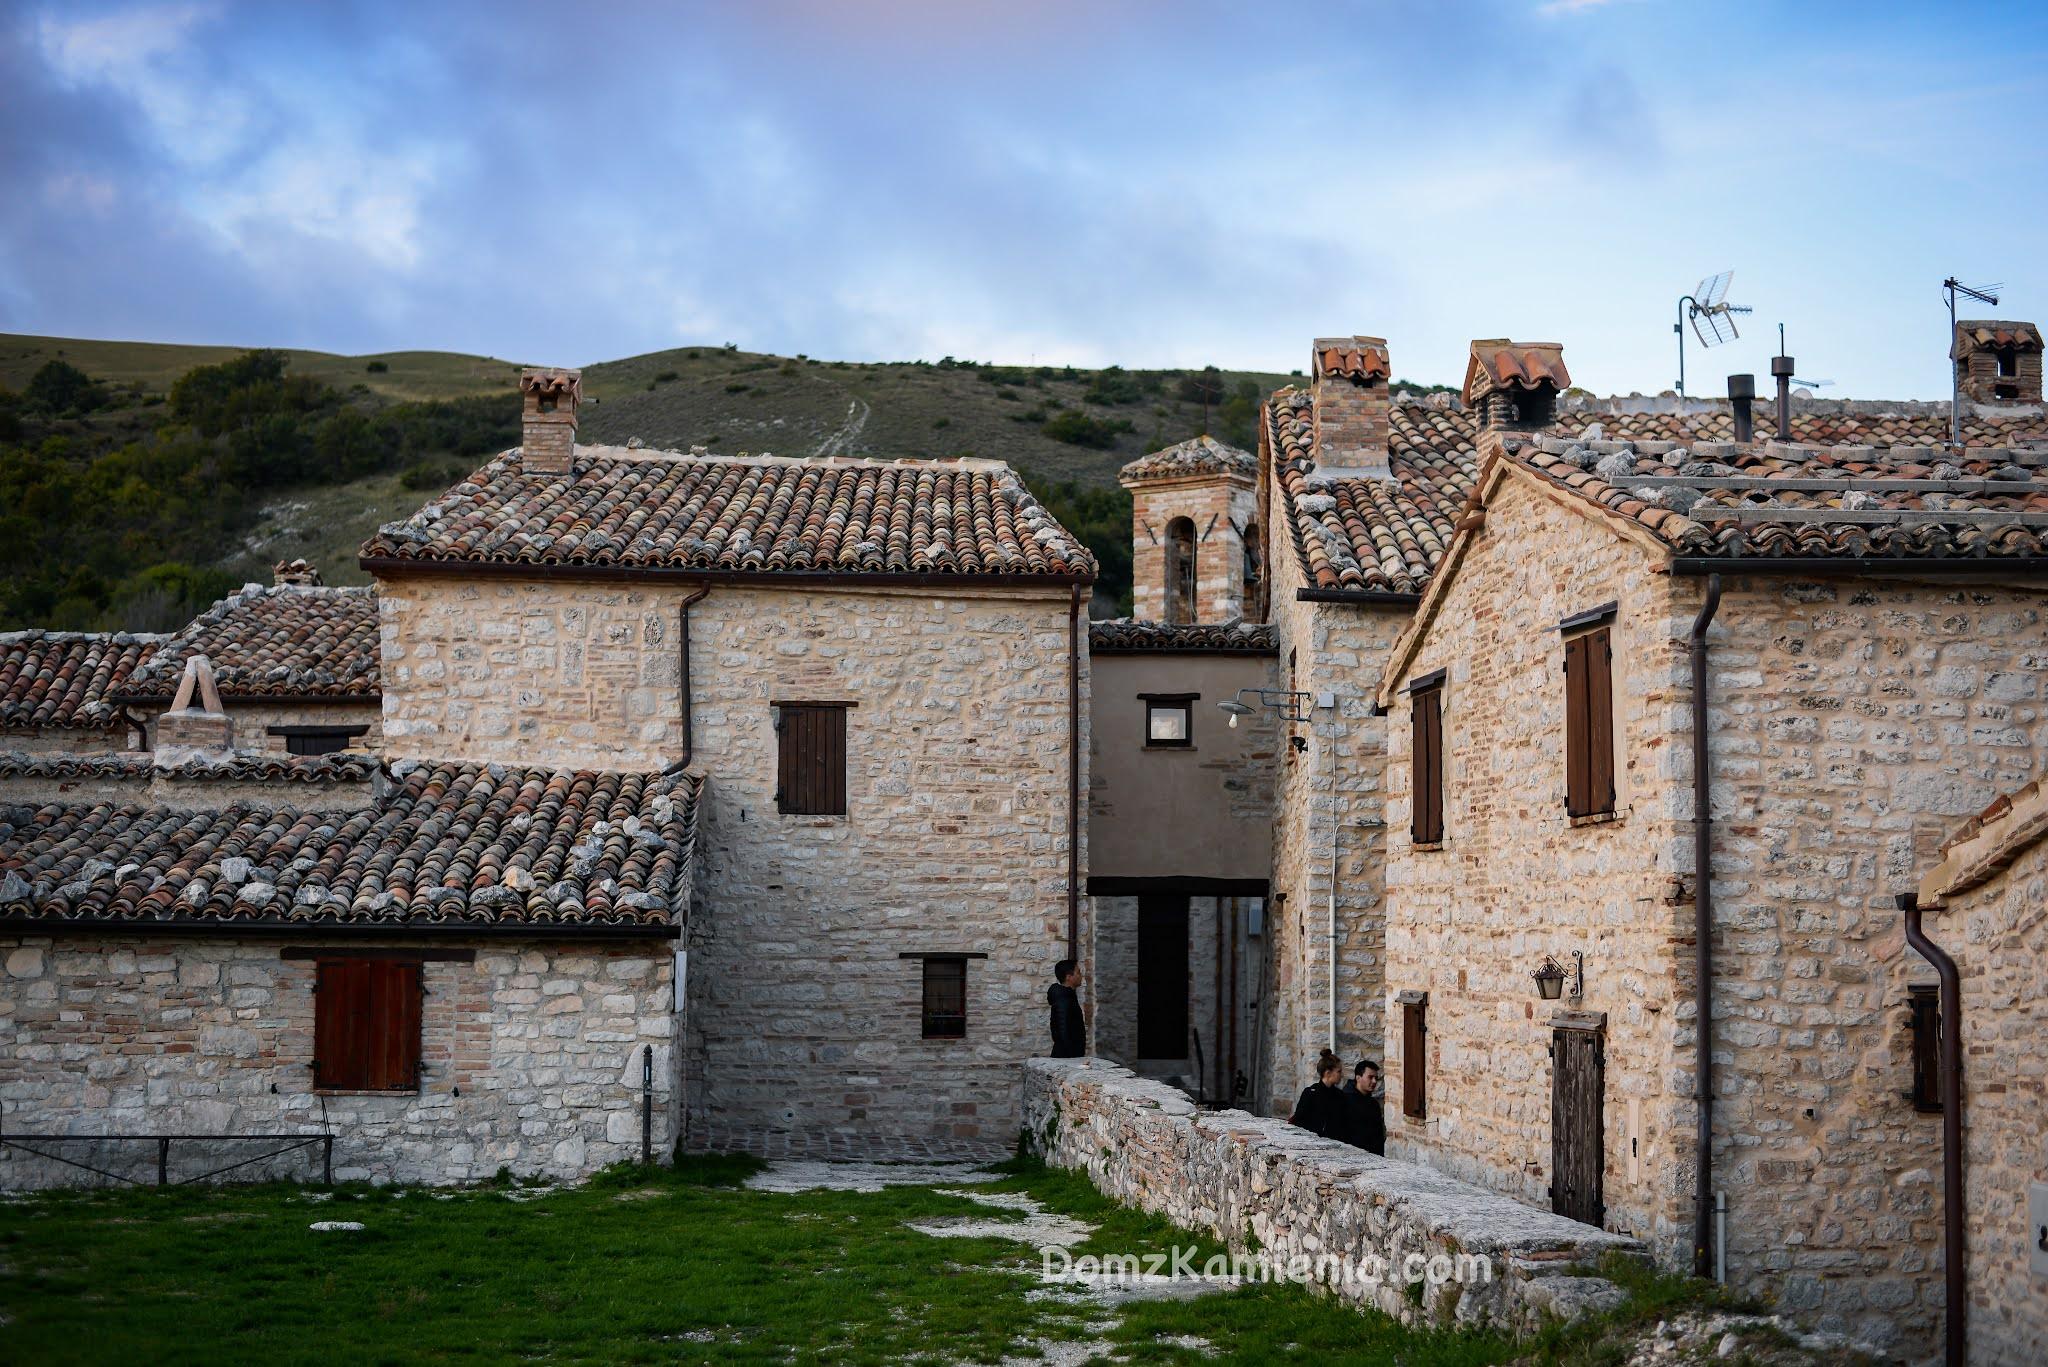 Elcito, Marche nieznany region Włoch, Dom z Kamienia blog